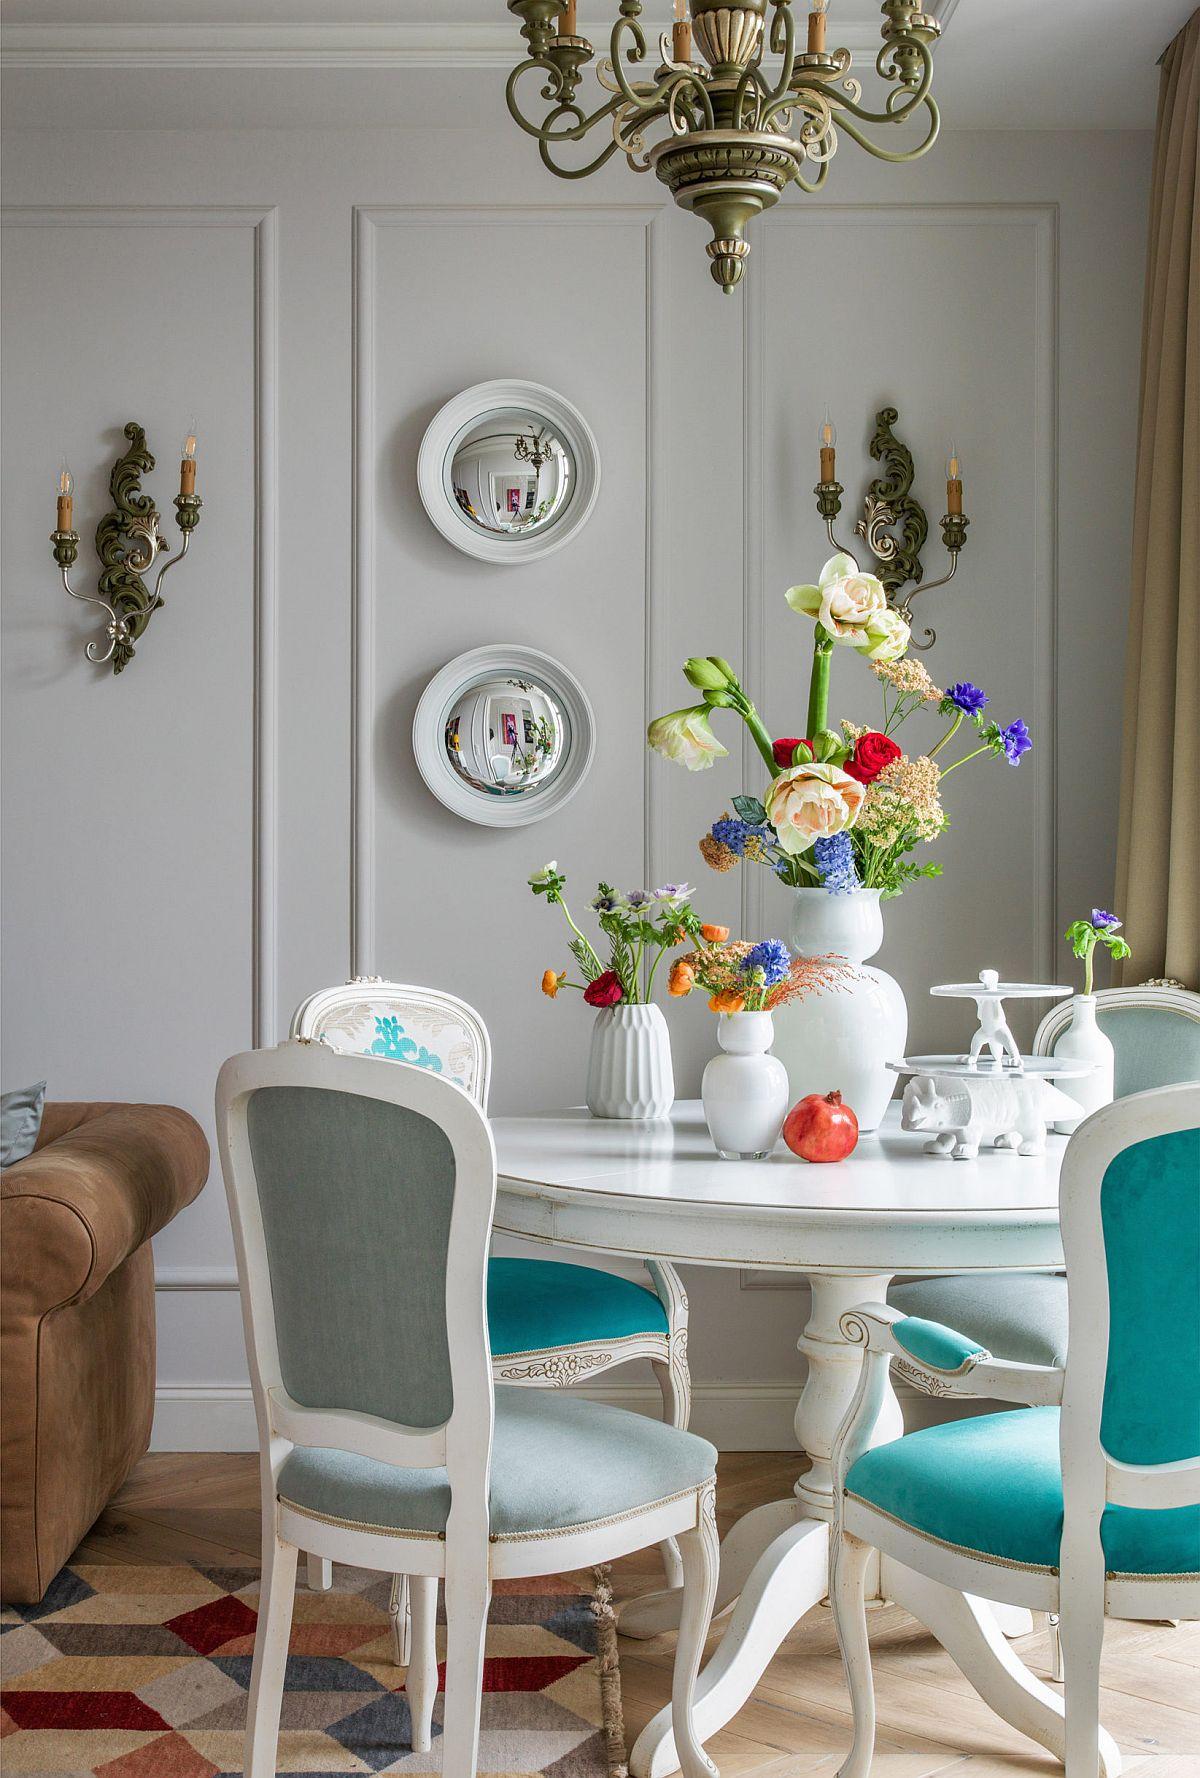 Locul de luat masa este strategic amplasat lângă fereastră, iar mobila aleasă este una cu alură clasică o combinație de alb și verde turcoaz care captează privirea.